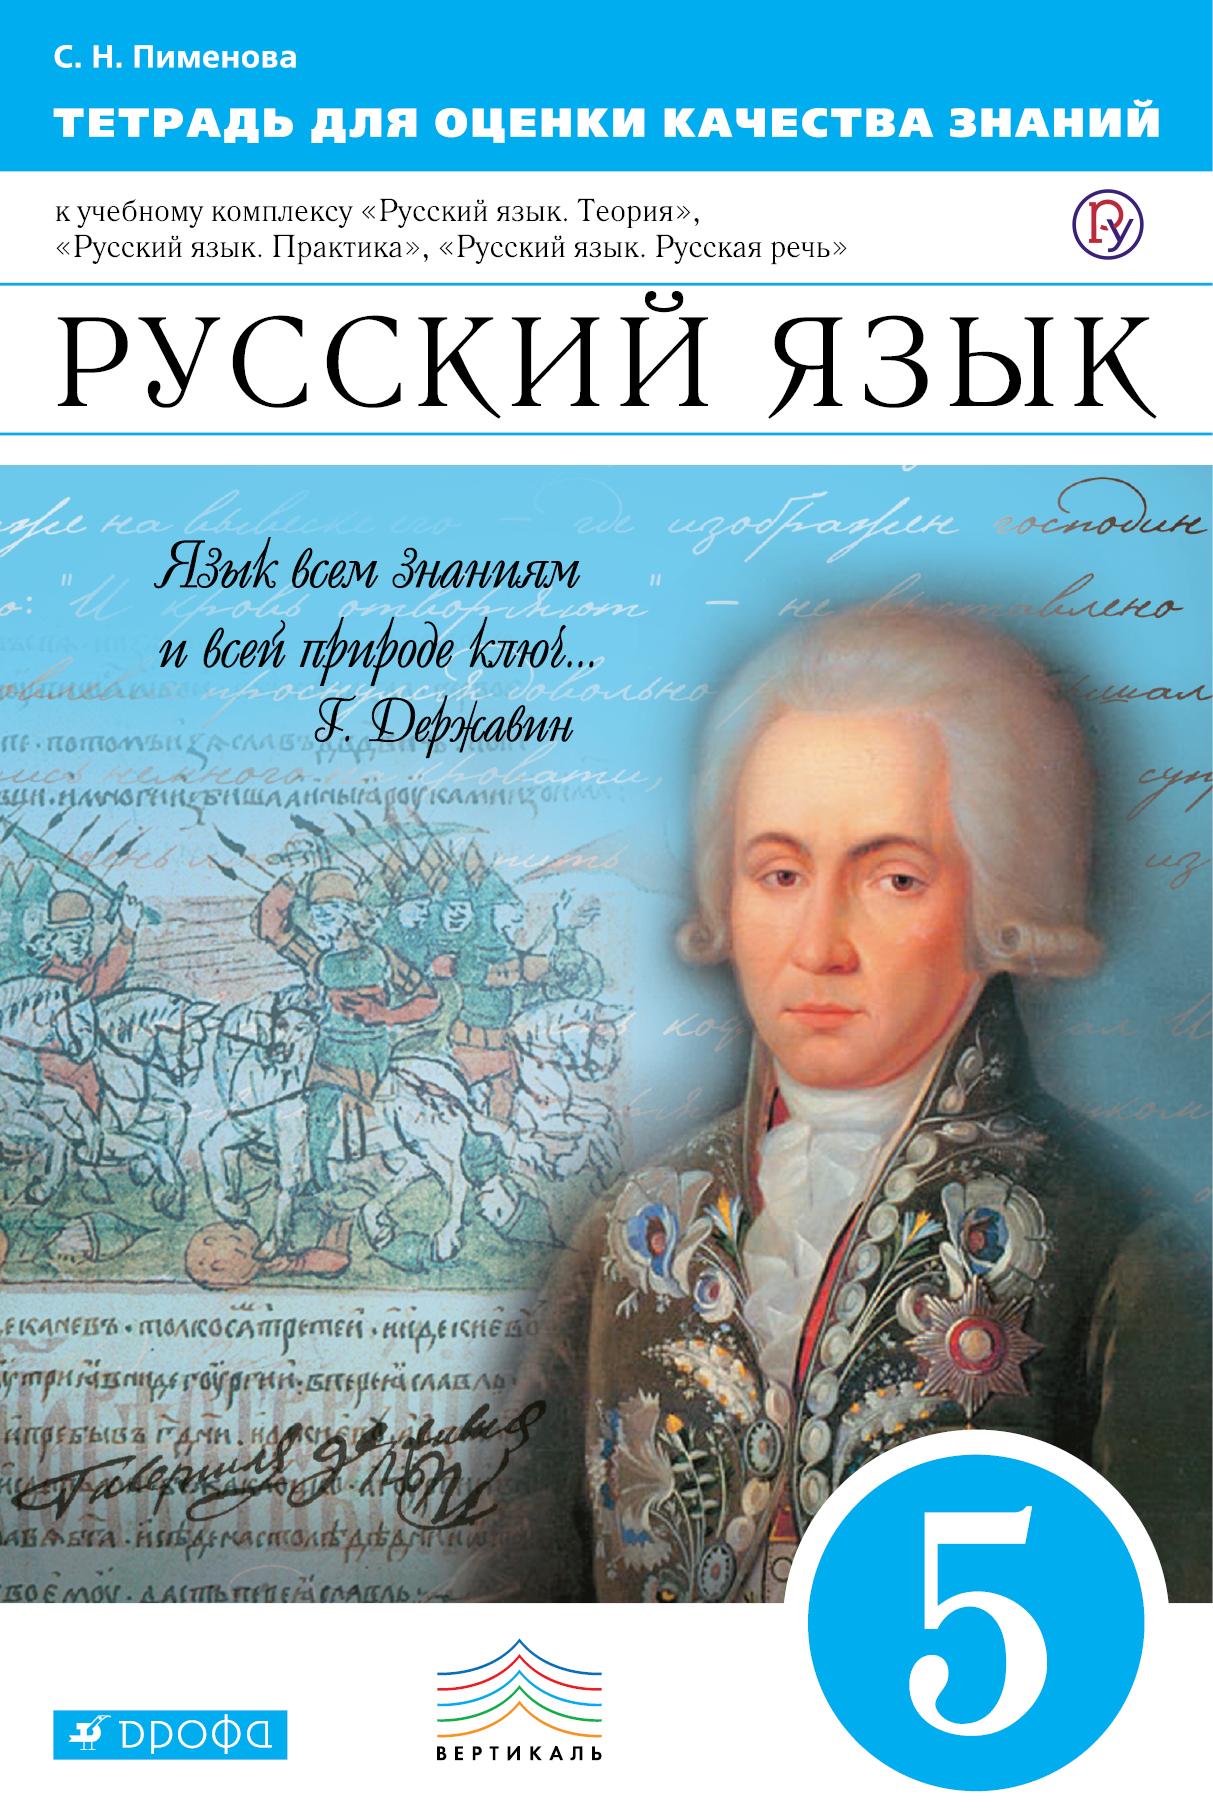 Пименова С.Н. Русский язык. 5 класс. Тетрадь для оценки качества знаний